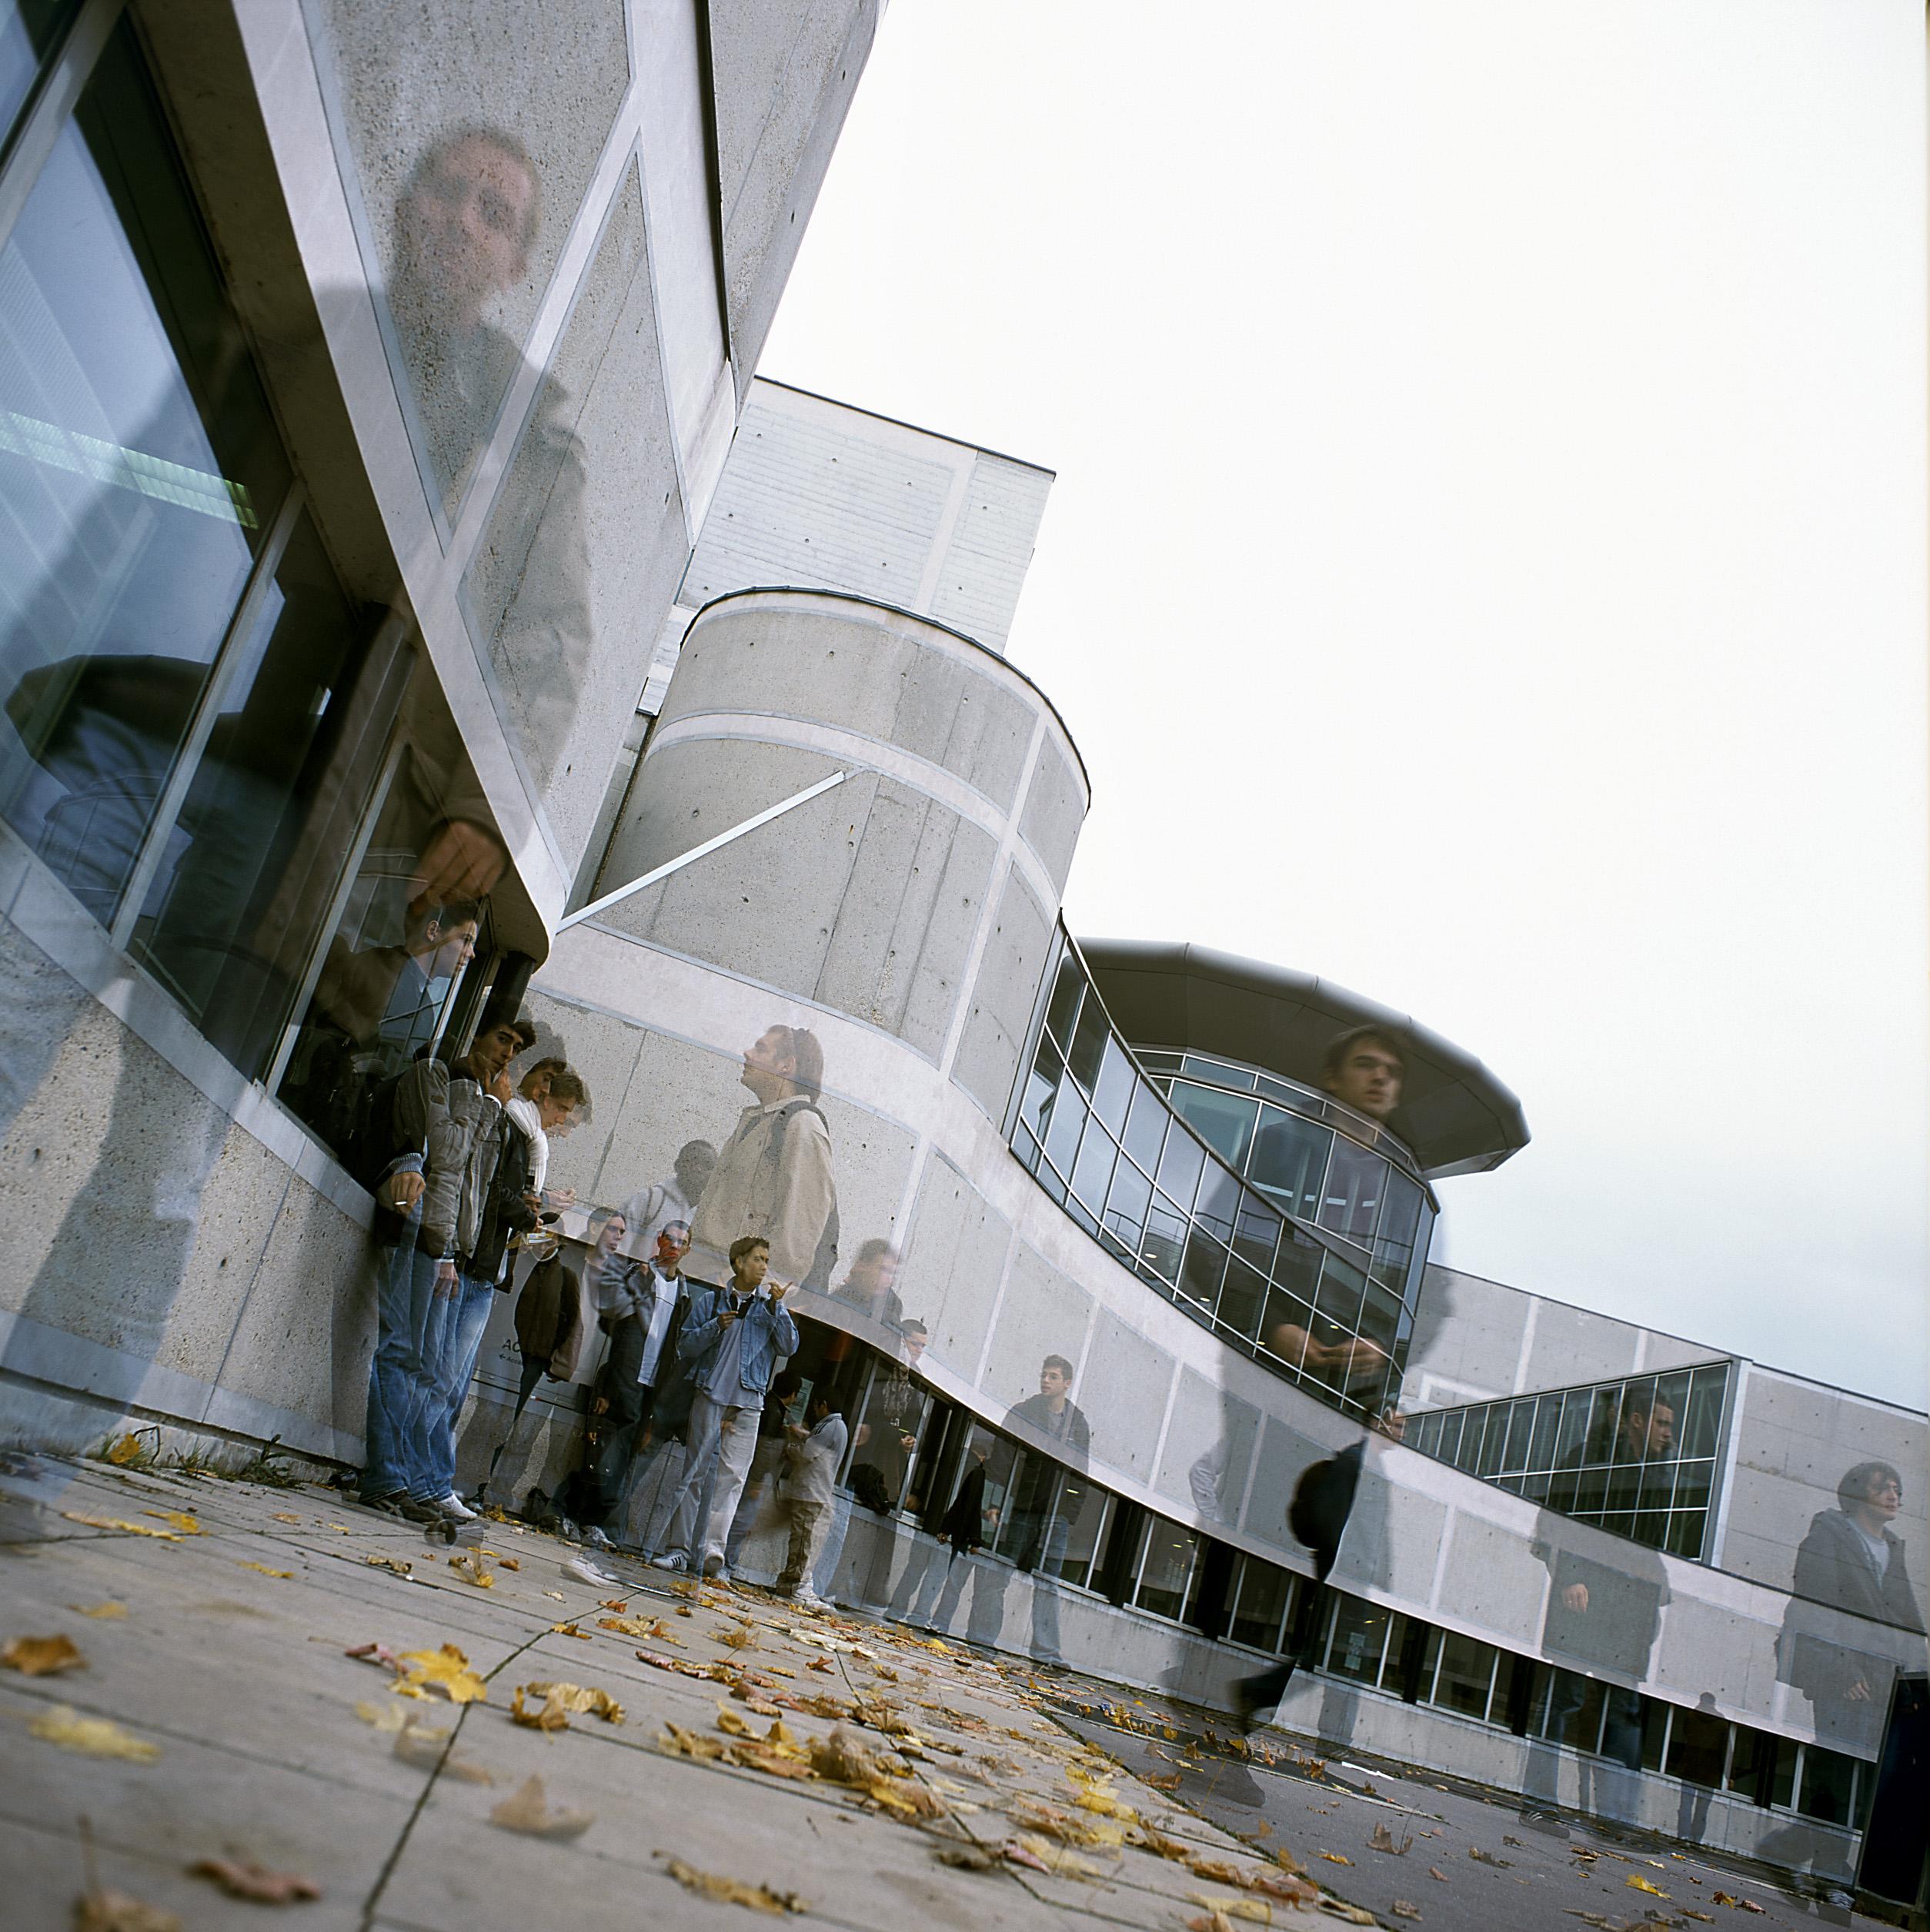 Iut de cergy pontoise site de neuville n 5 au classement for Technique de construction batiment